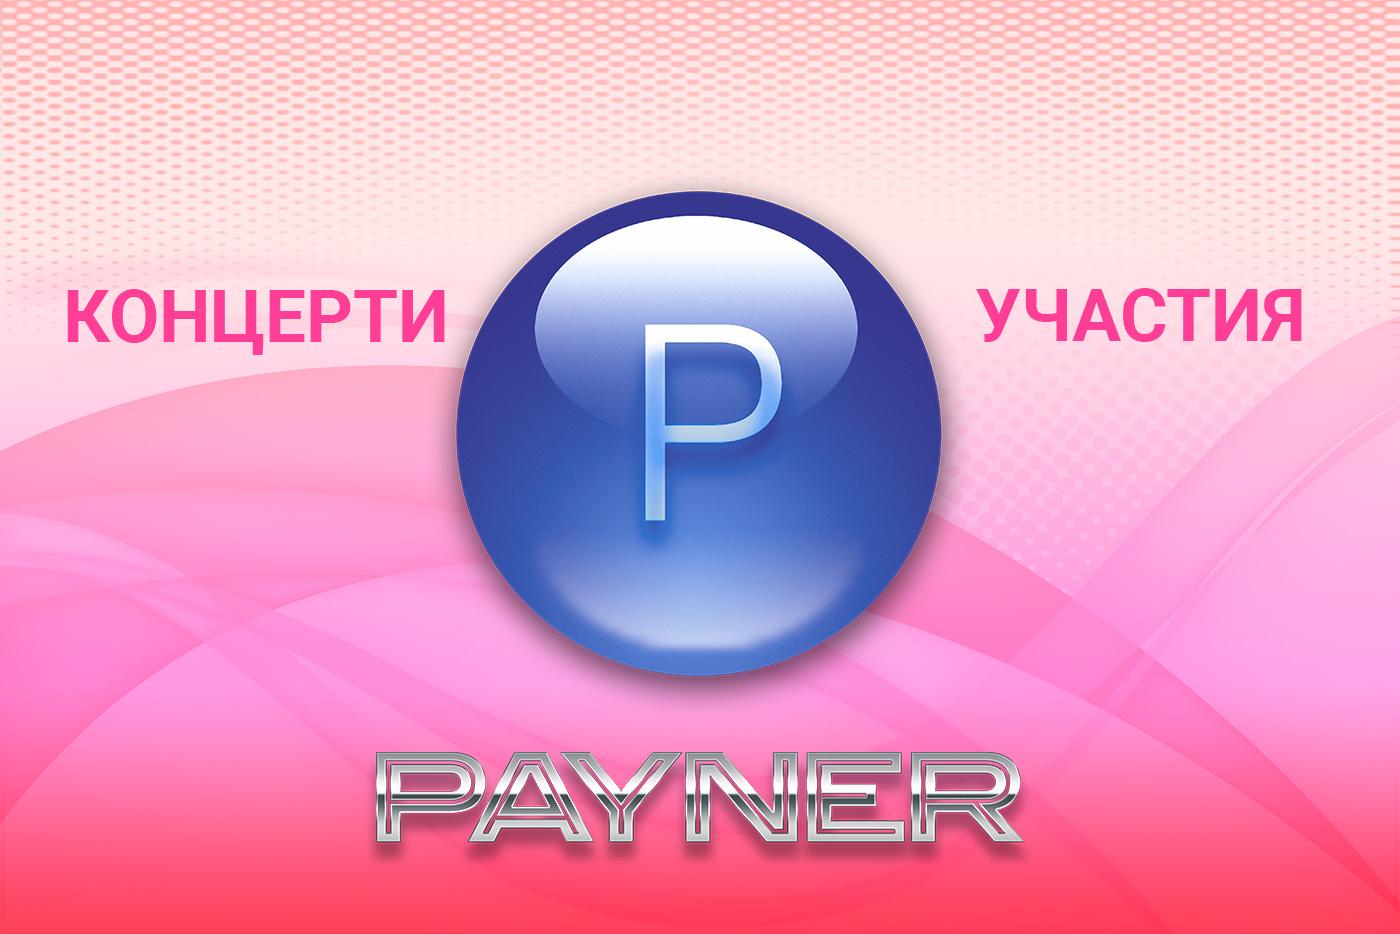 """Участия на звездите на """"Пайнер"""" на 24.09.2019"""